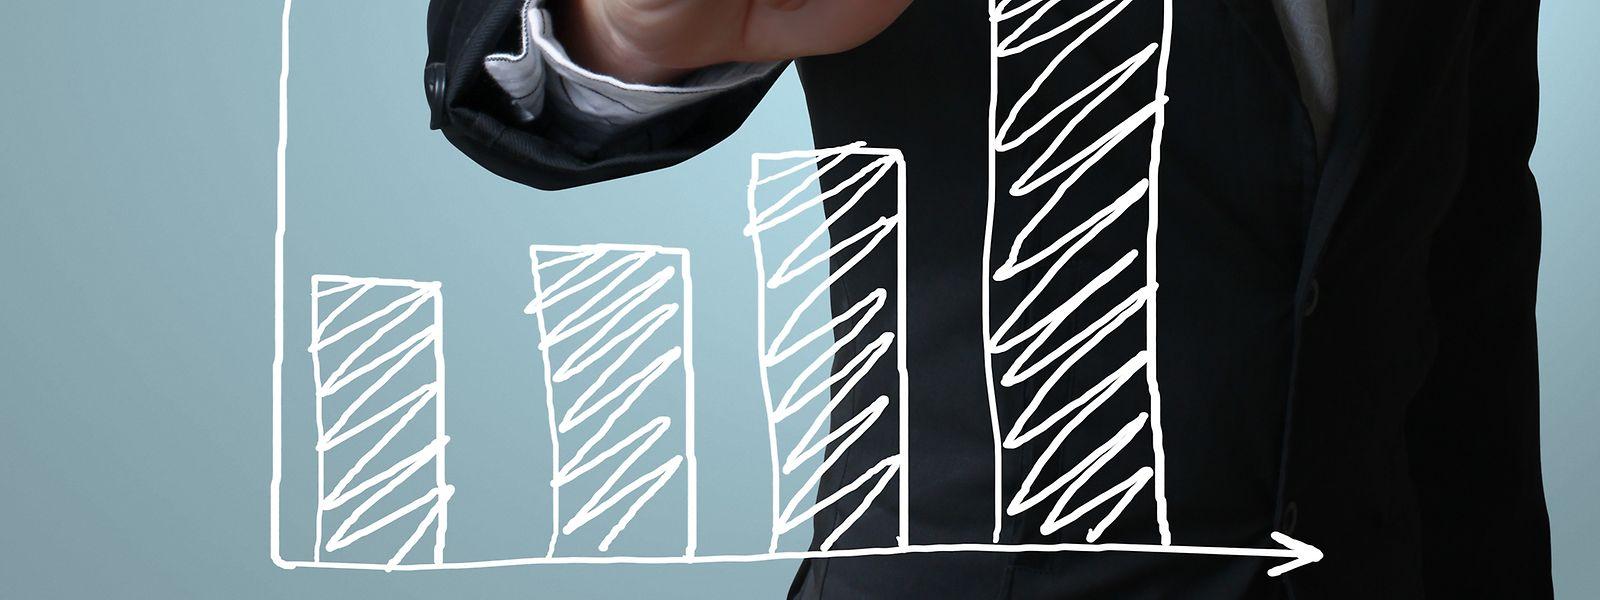 Mit den richtigen Investmentideen die richtigen Kunden ansprechen, das will Claude Hellers Vertriebsunternehmen Fundbridge.